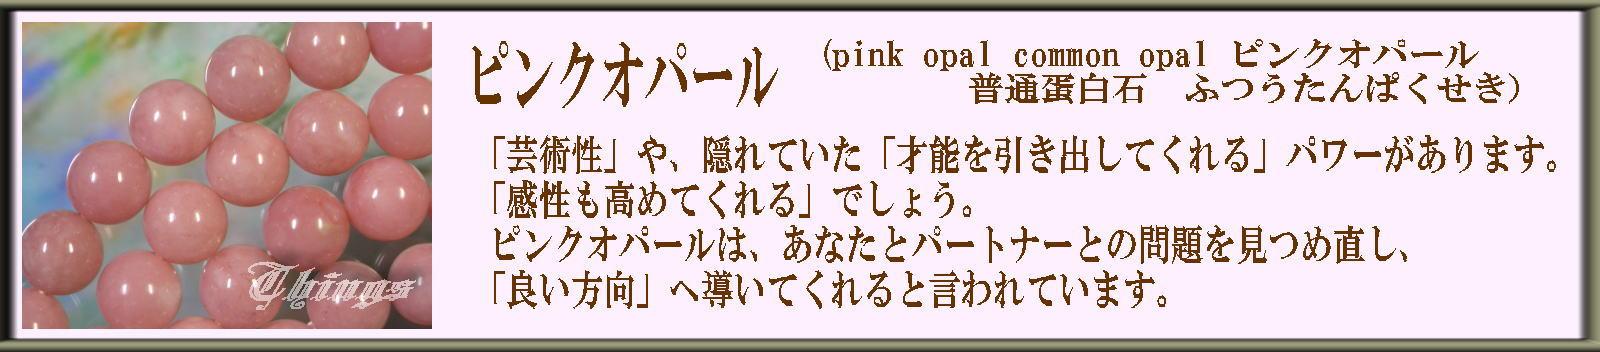 ◆ピンクオパール pink opal common opal ピンクオパール 普通蛋白石 ふつうたんぱくせき◆